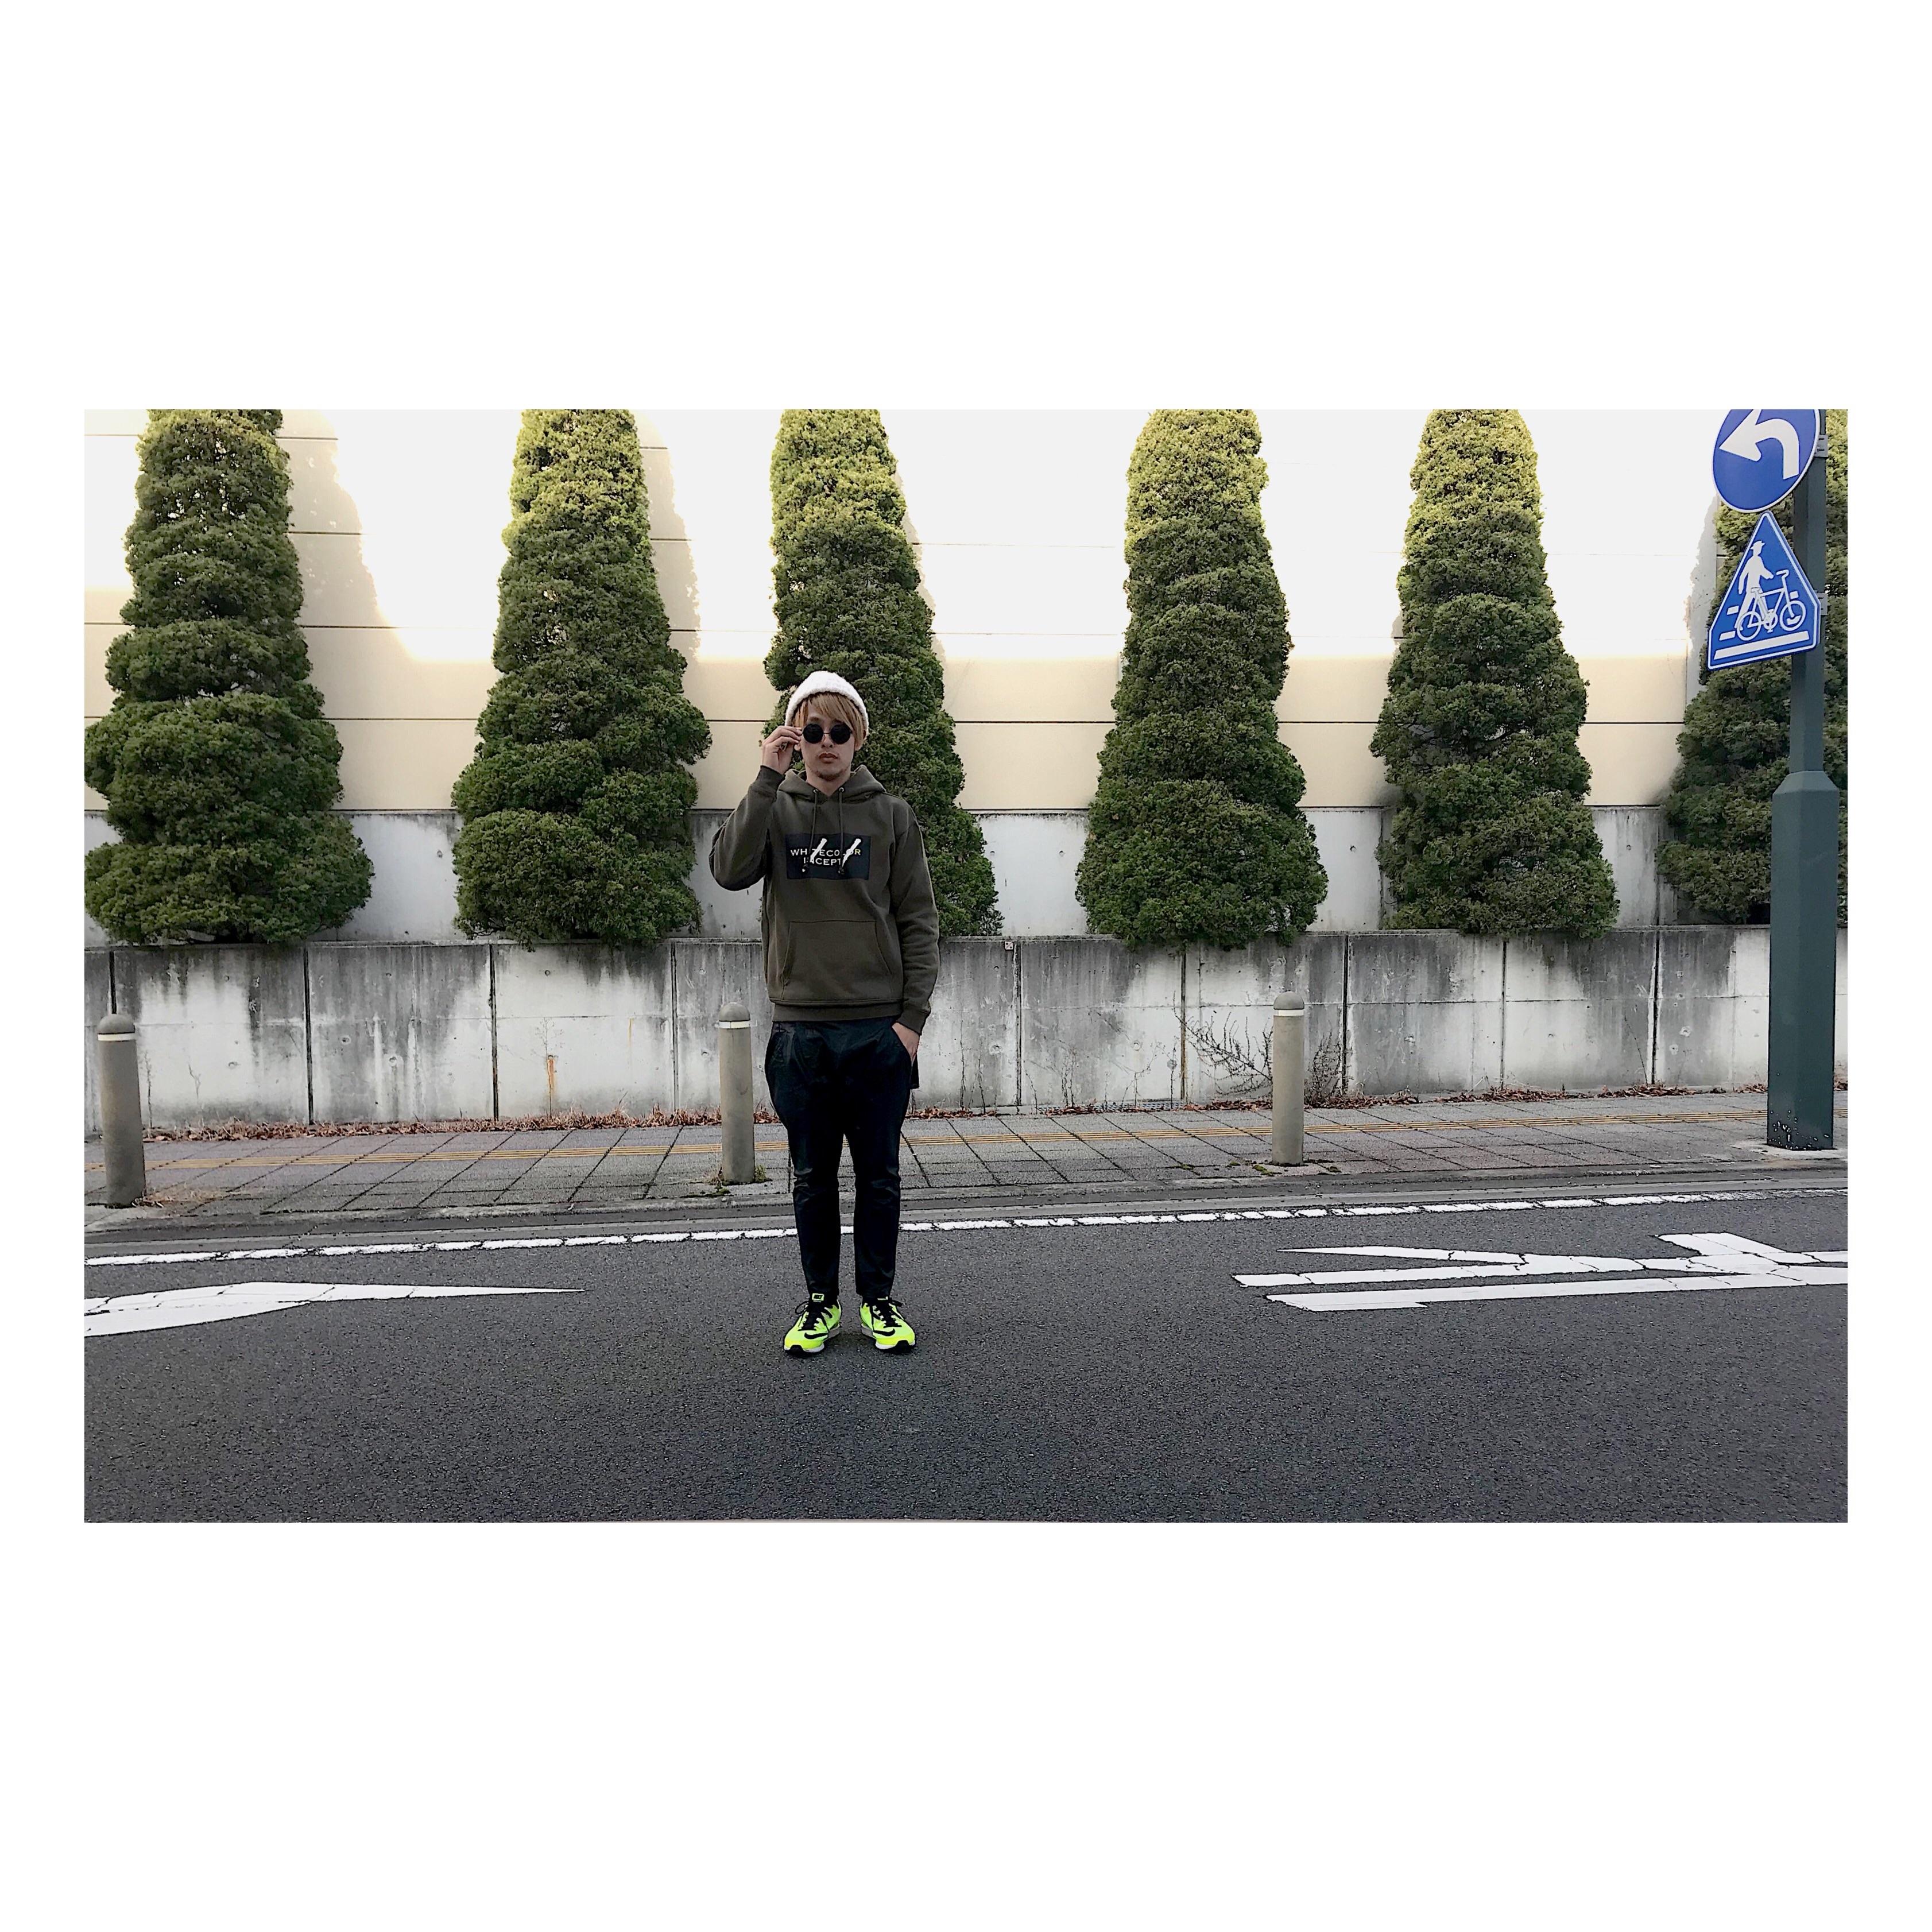 f:id:Yosuke0912:20180120182509j:image